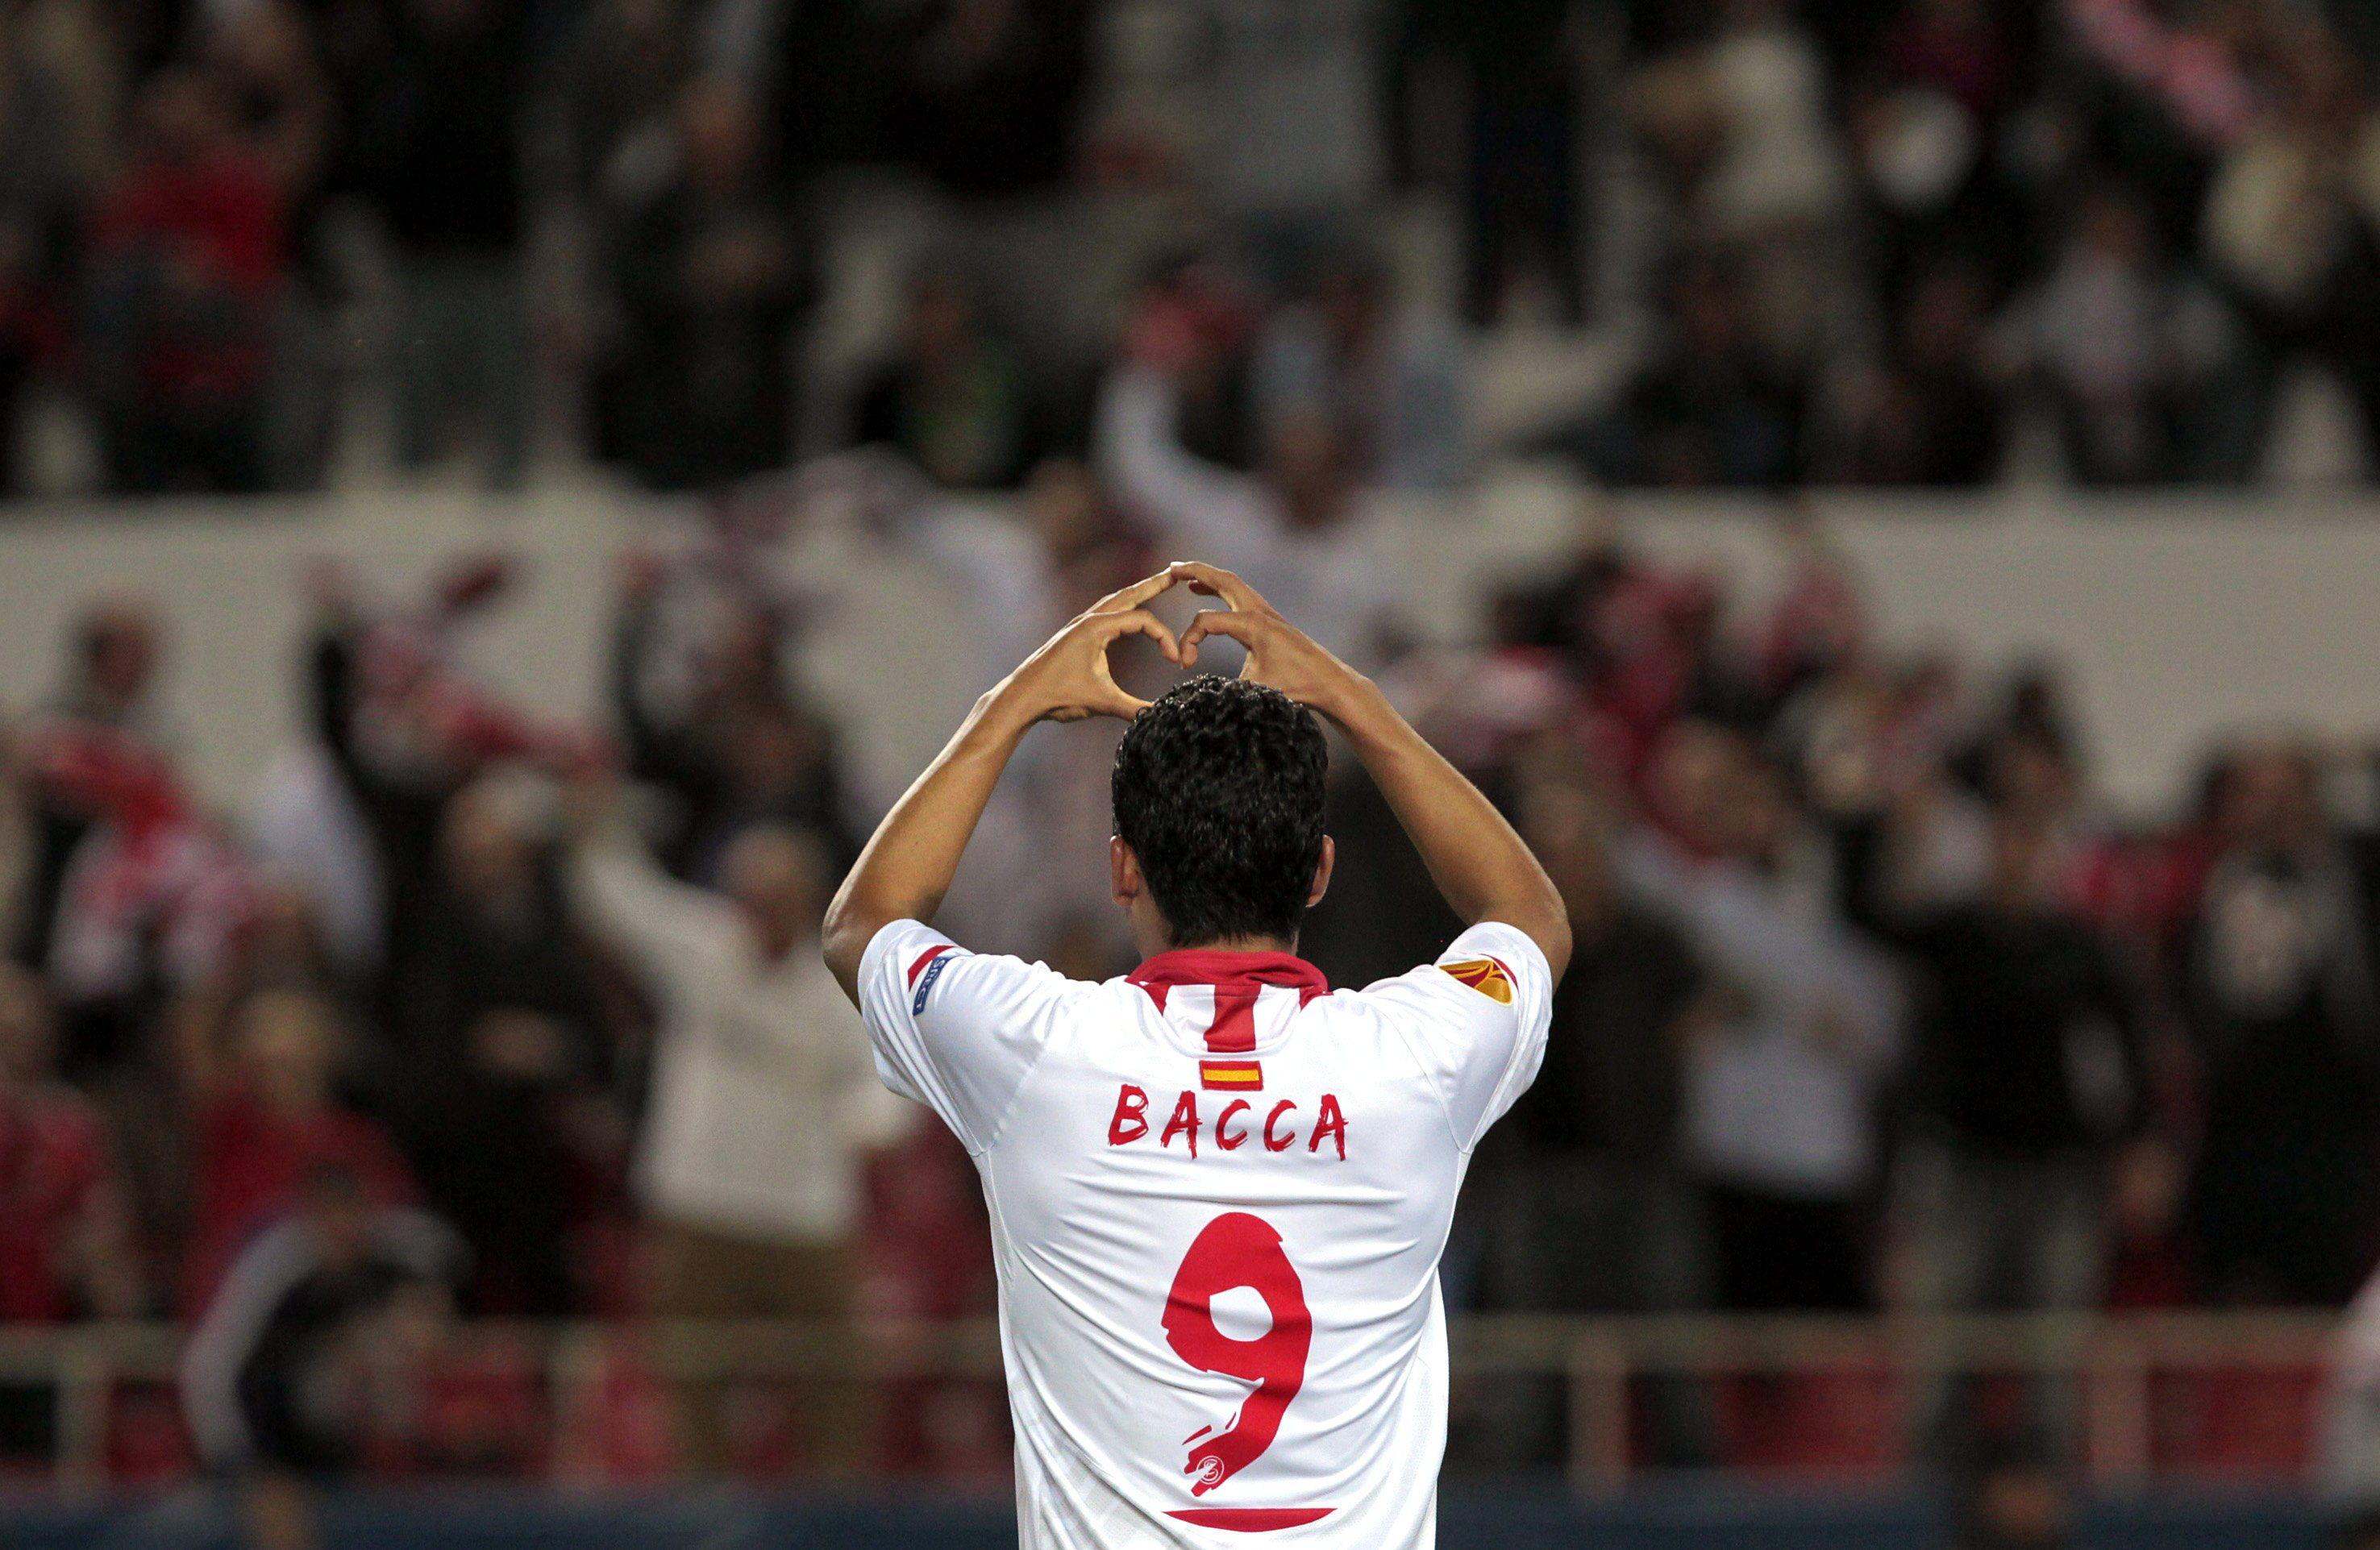 El Atlético pregunta por Bacca y Camacho mientras Wenger cierra la puerta a Cazorla